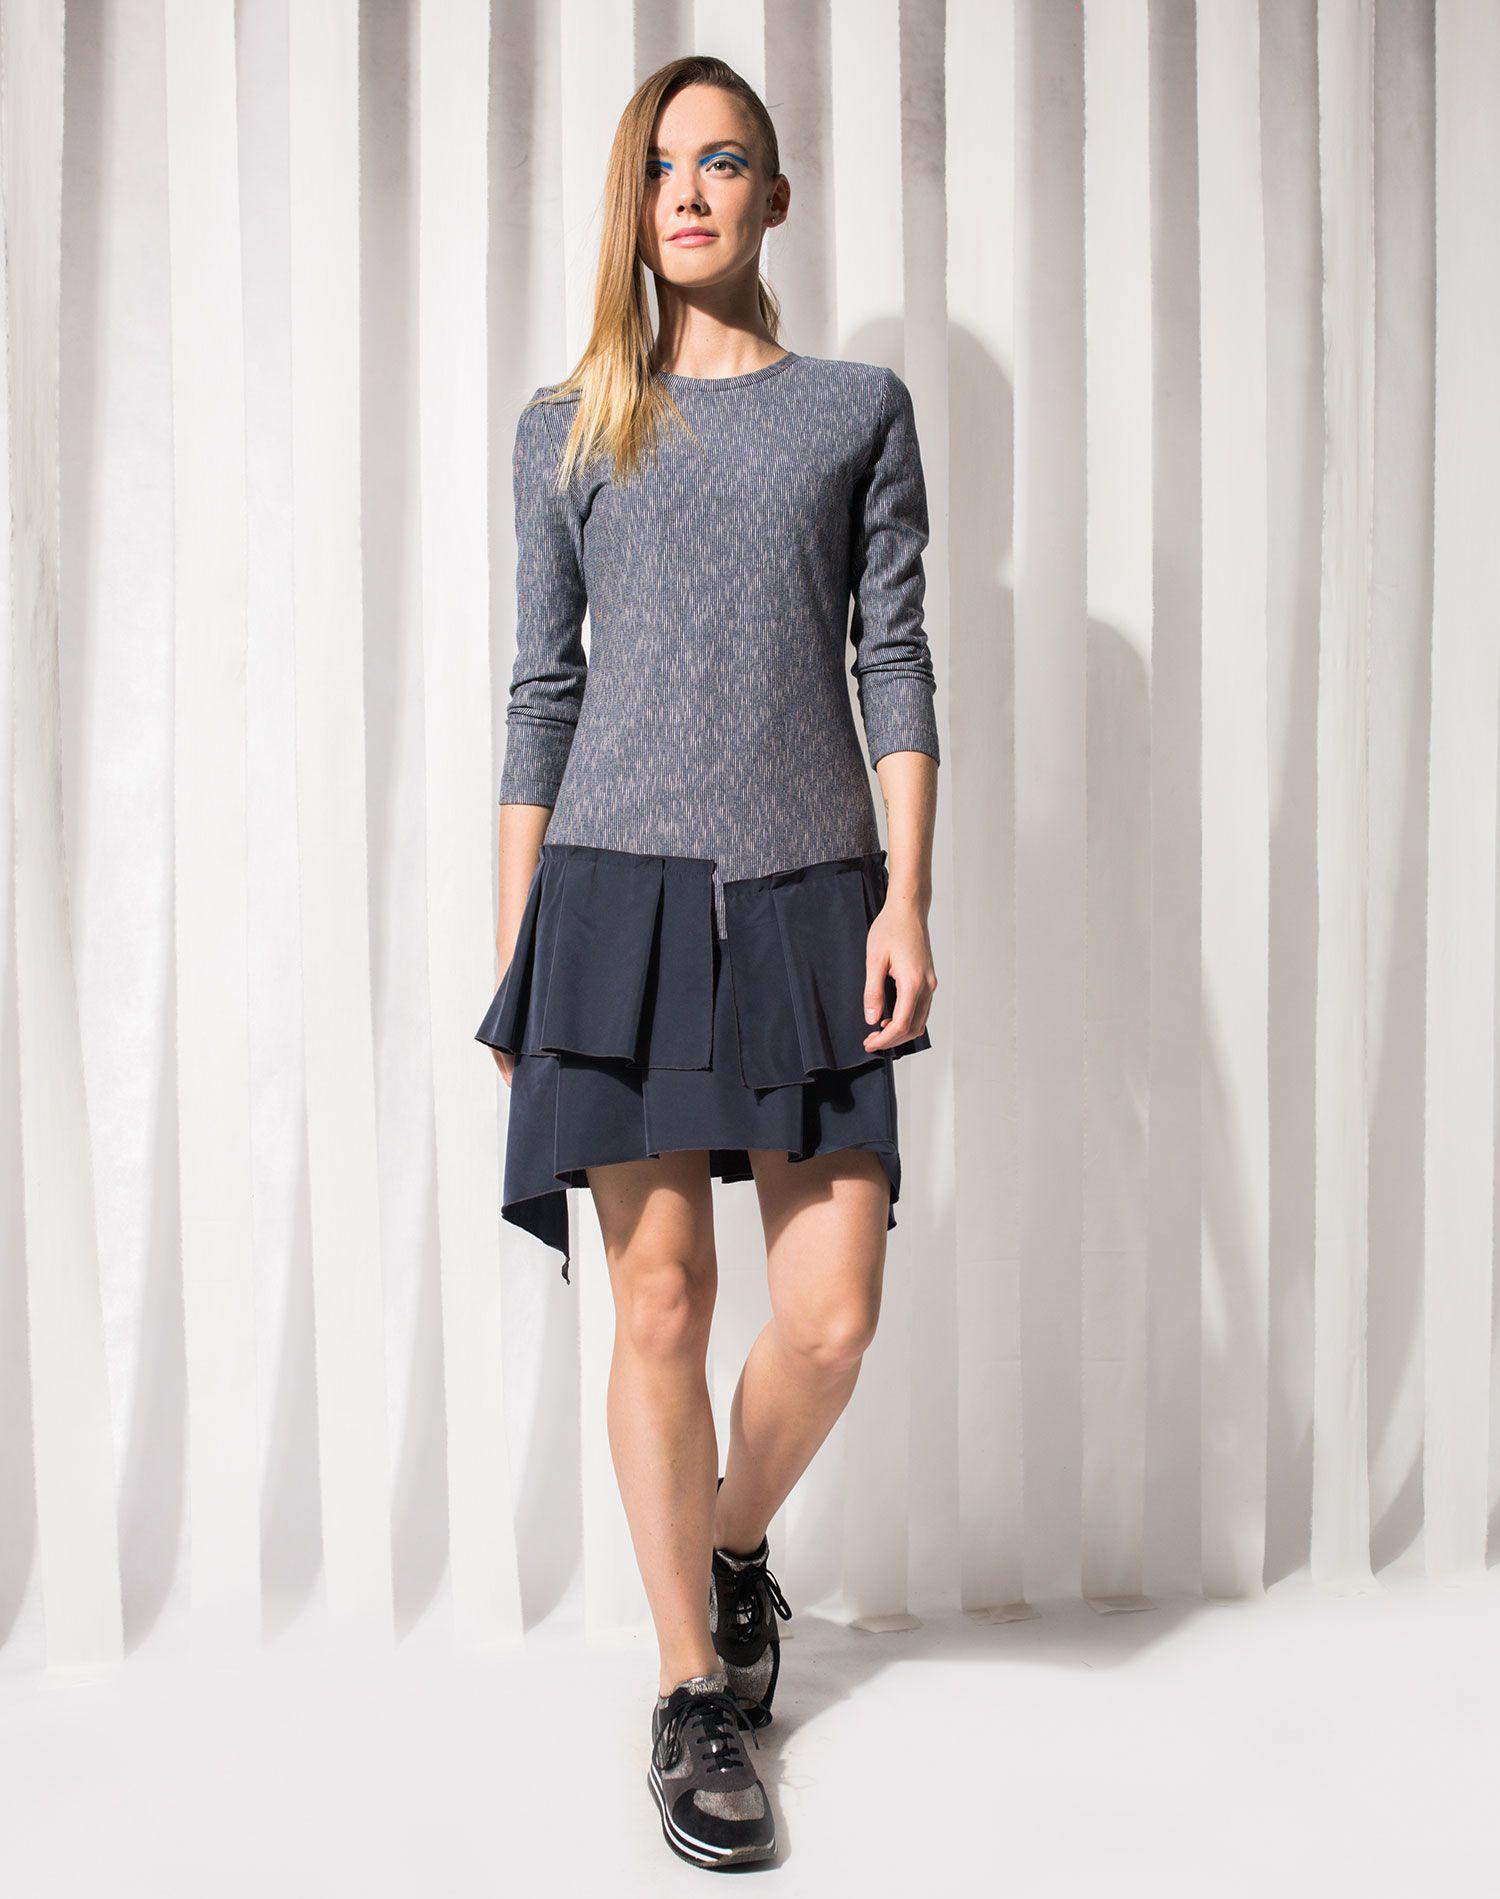 Платье ВЛ17-134 Sport | Магазин современной одежды PERSONAGE